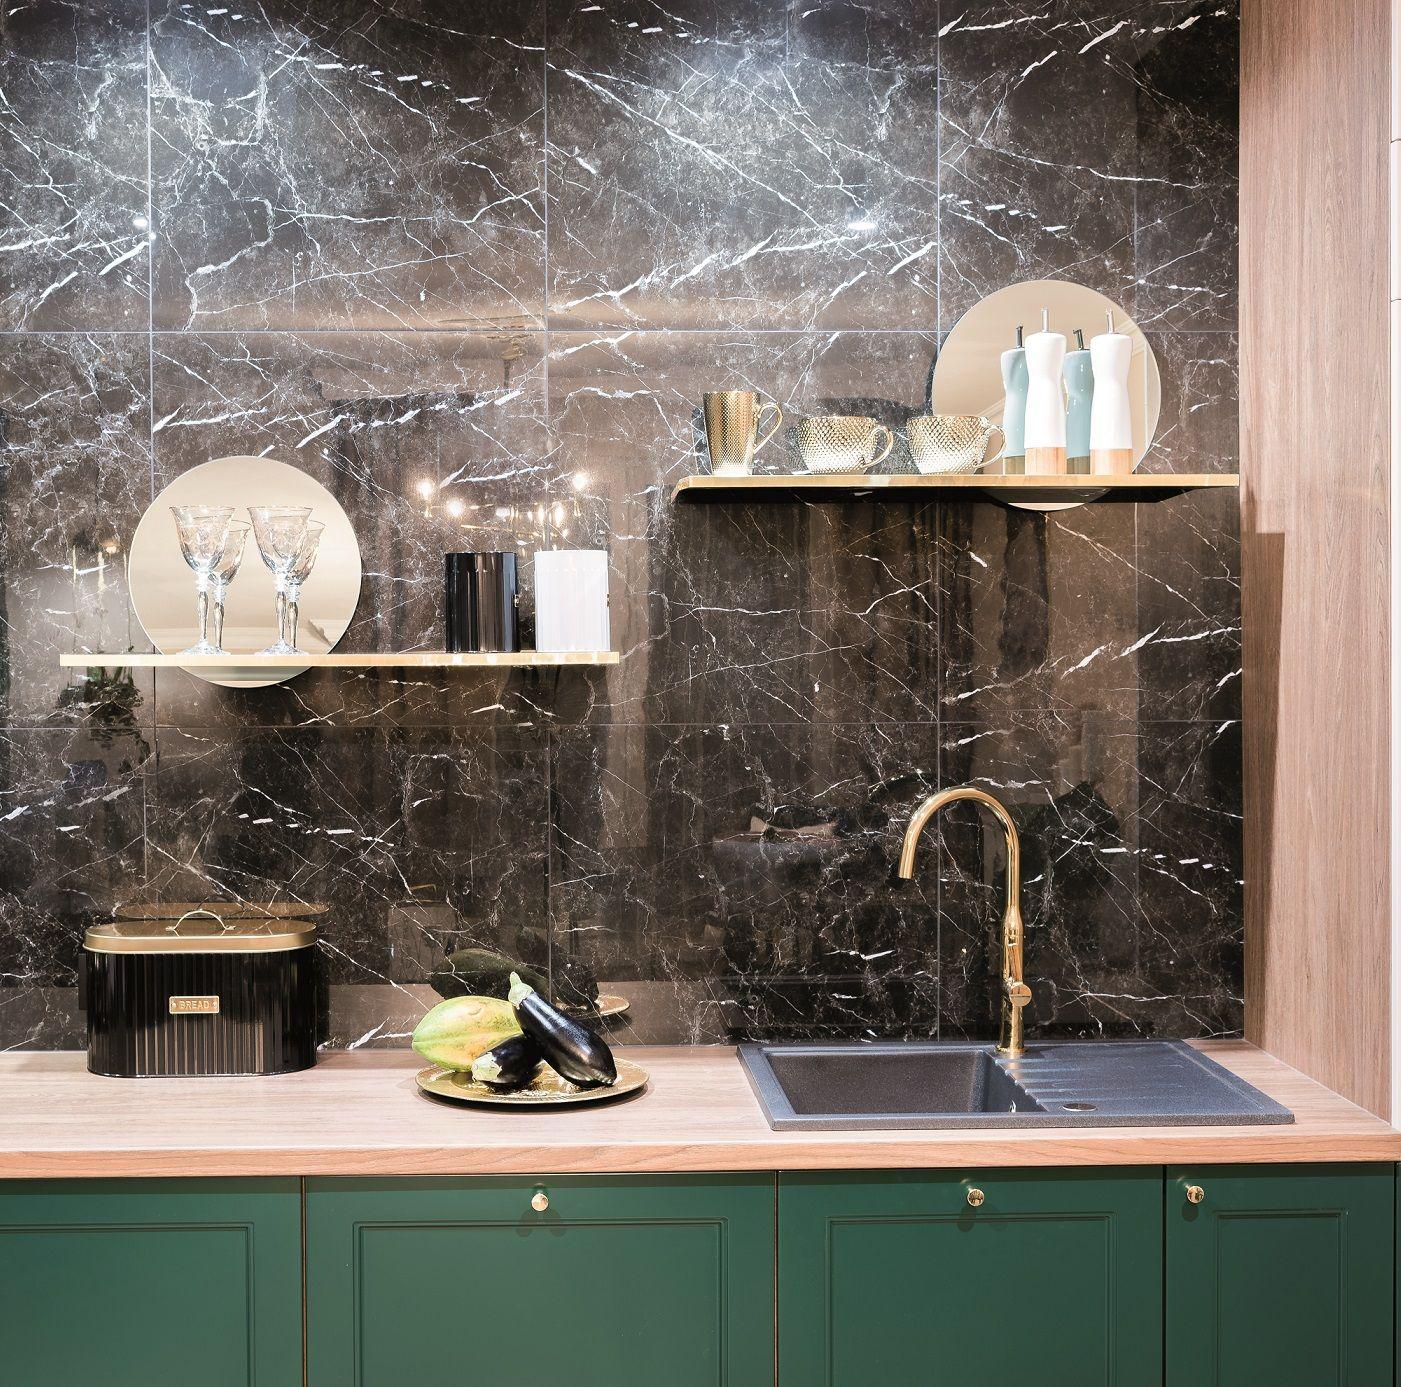 Piekno Kamienia W Najlepszym Wydaniu W Polaczeniu Z Zielonym Frontem Szafek Wyglada Doskonale Kuchnia Mebl Round Mirror Bathroom Home Decor Bathroom Mirror